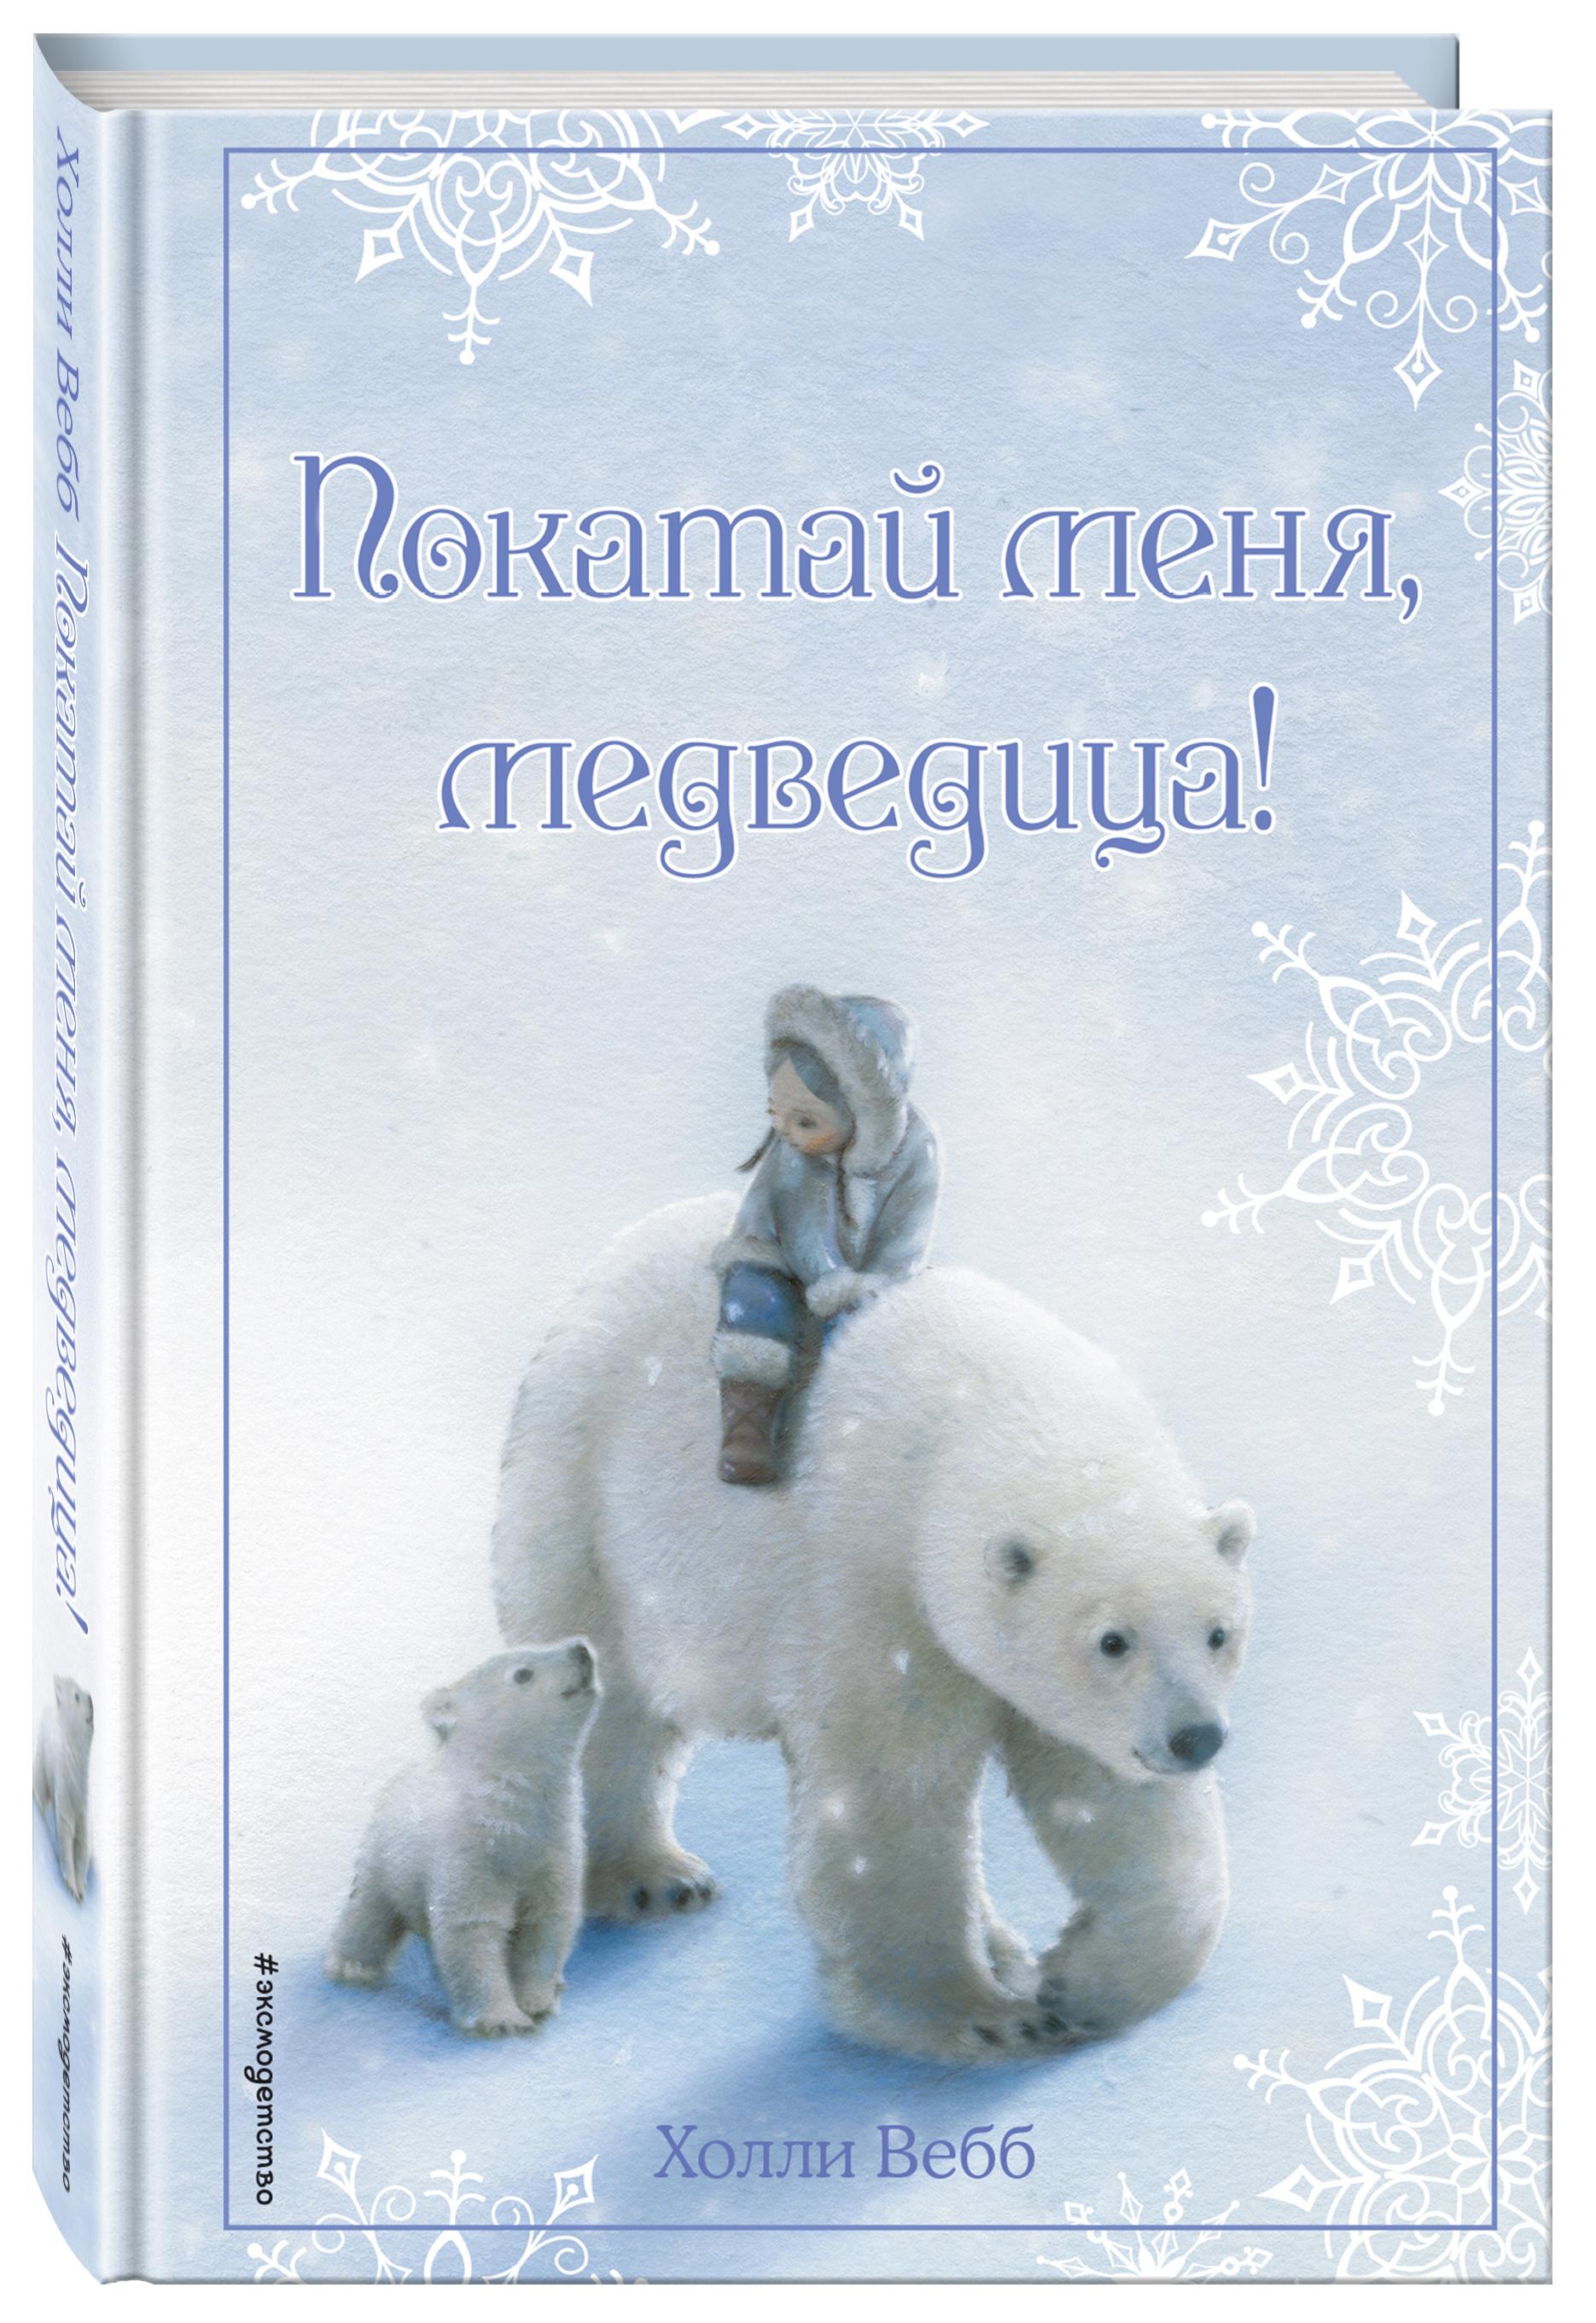 Холли Вебб Рождественские истории. Покатай меня, медведица!